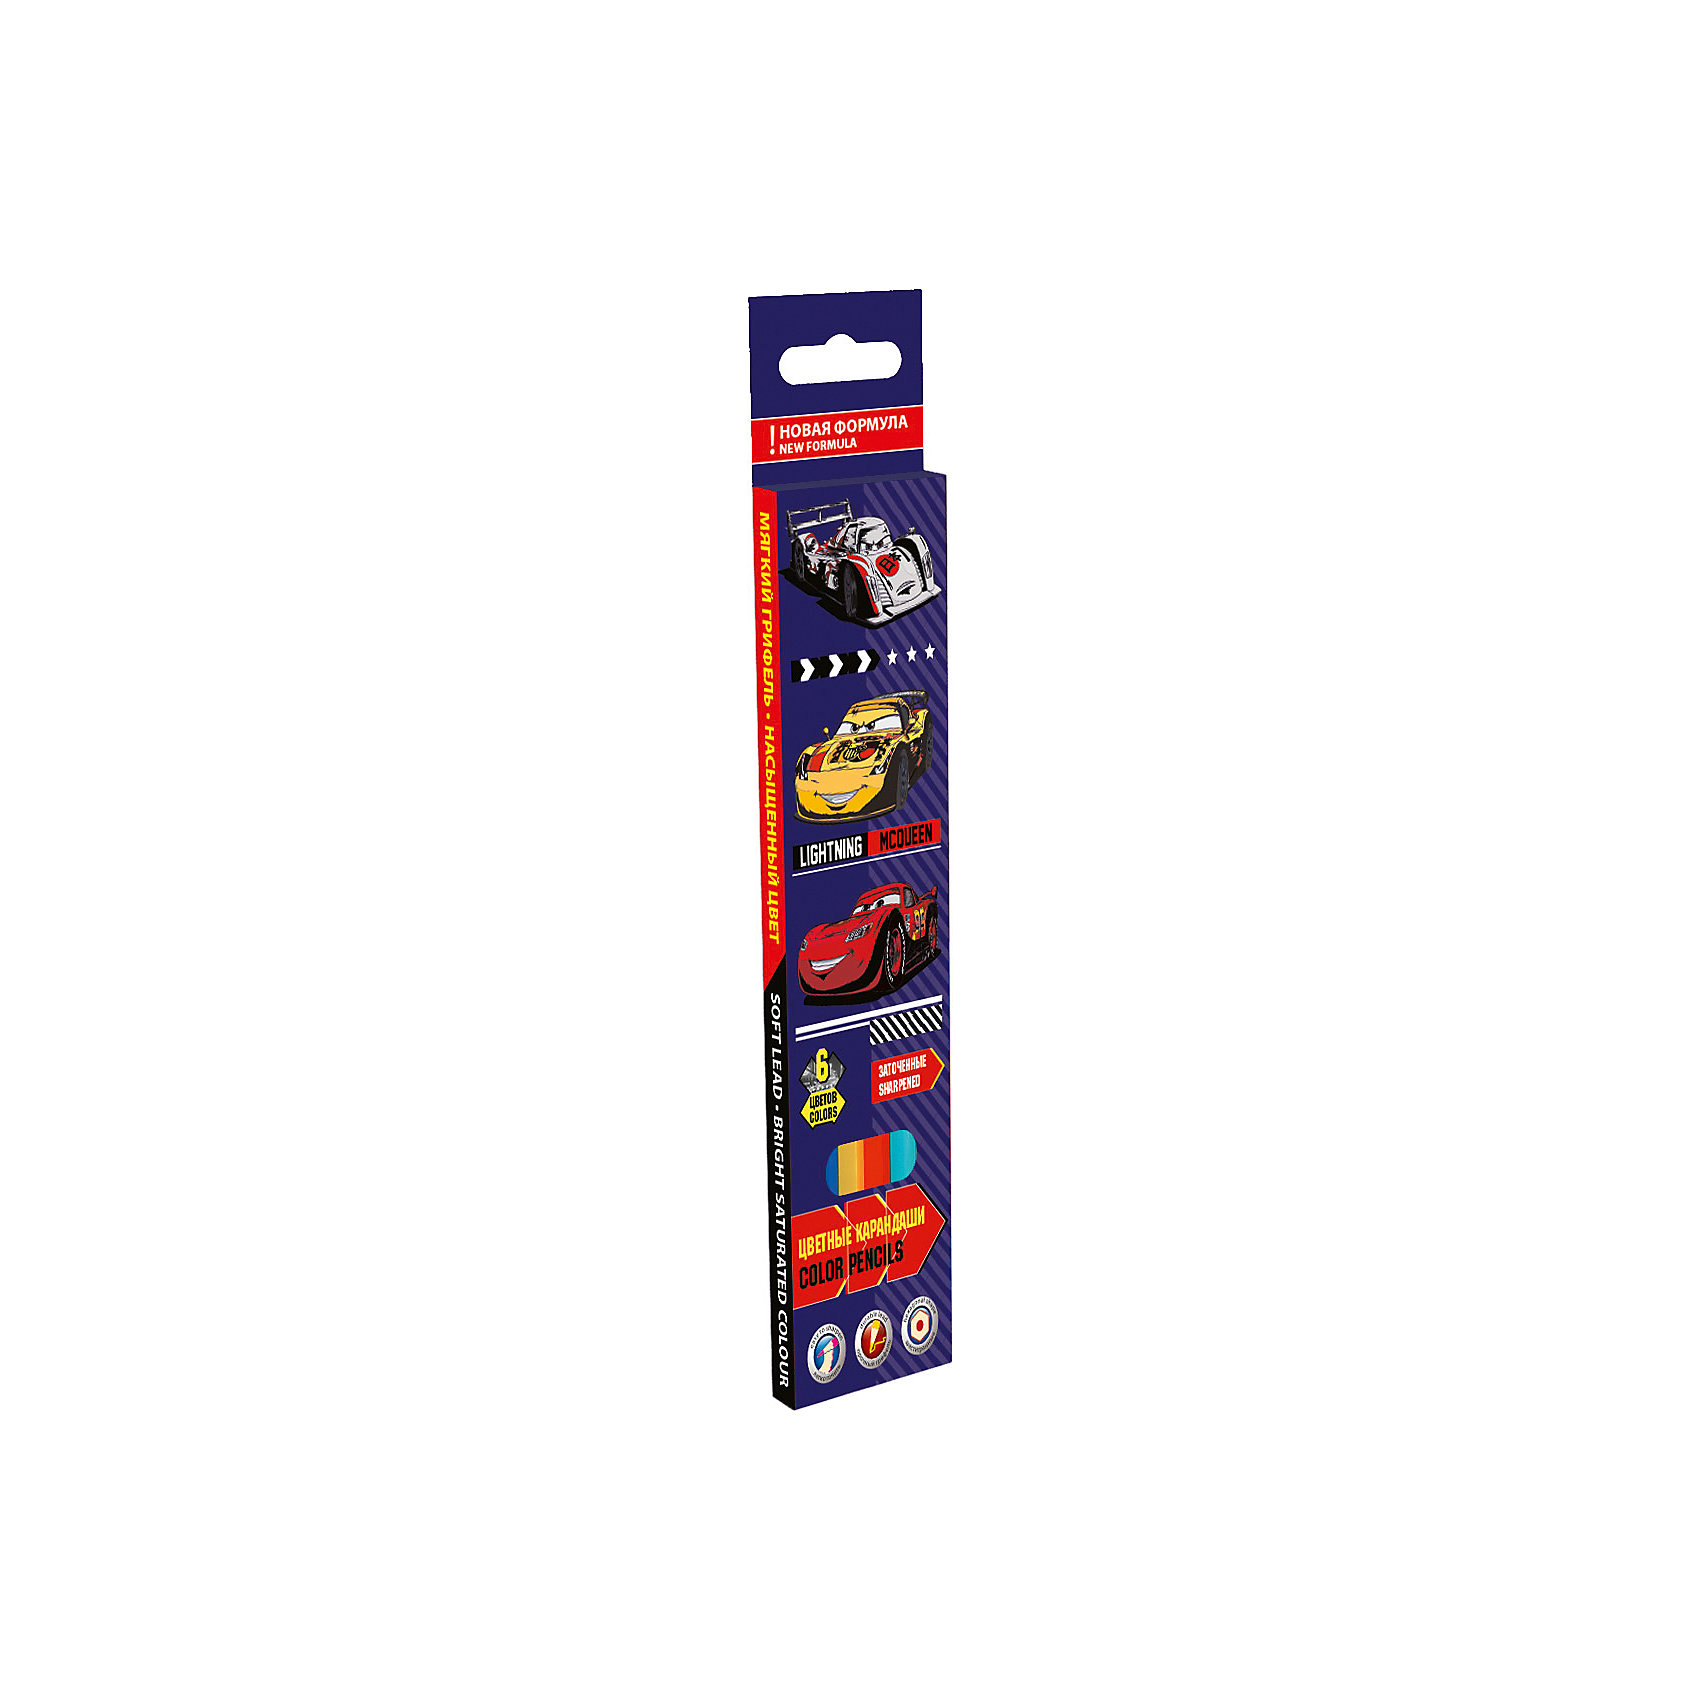 Цветные карандаши, 6 шт, ТачкиЦветные карандаши - необходимый инструмент для детского творчества и школьных занятий. Цветные карандаши Тачки оформлены в яркую картонную упаковку с изображением персонажей из популярного диснеевского мультфильма Cars. В комплекте 6 шестигранных<br>карандашей разных цветов, изготовленных из древесины липы.<br><br><br>Дополнительная информация:<br><br>- В комплекте: 6 шт.<br>- Толщина грифеля: 3 мм.<br>- Длина карандаша: 17,8 см. <br>- Размер упаковки: 21,5 х 1 х 5 см.<br>- Вес: 60 гр.<br><br>Цветные карандаши, 6 шт., 6 цв., Тачки, можно купить в нашем интернет-магазине.<br><br>Ширина мм: 215<br>Глубина мм: 50<br>Высота мм: 10<br>Вес г: 33<br>Возраст от месяцев: 60<br>Возраст до месяцев: 84<br>Пол: Мужской<br>Возраст: Детский<br>SKU: 4681053